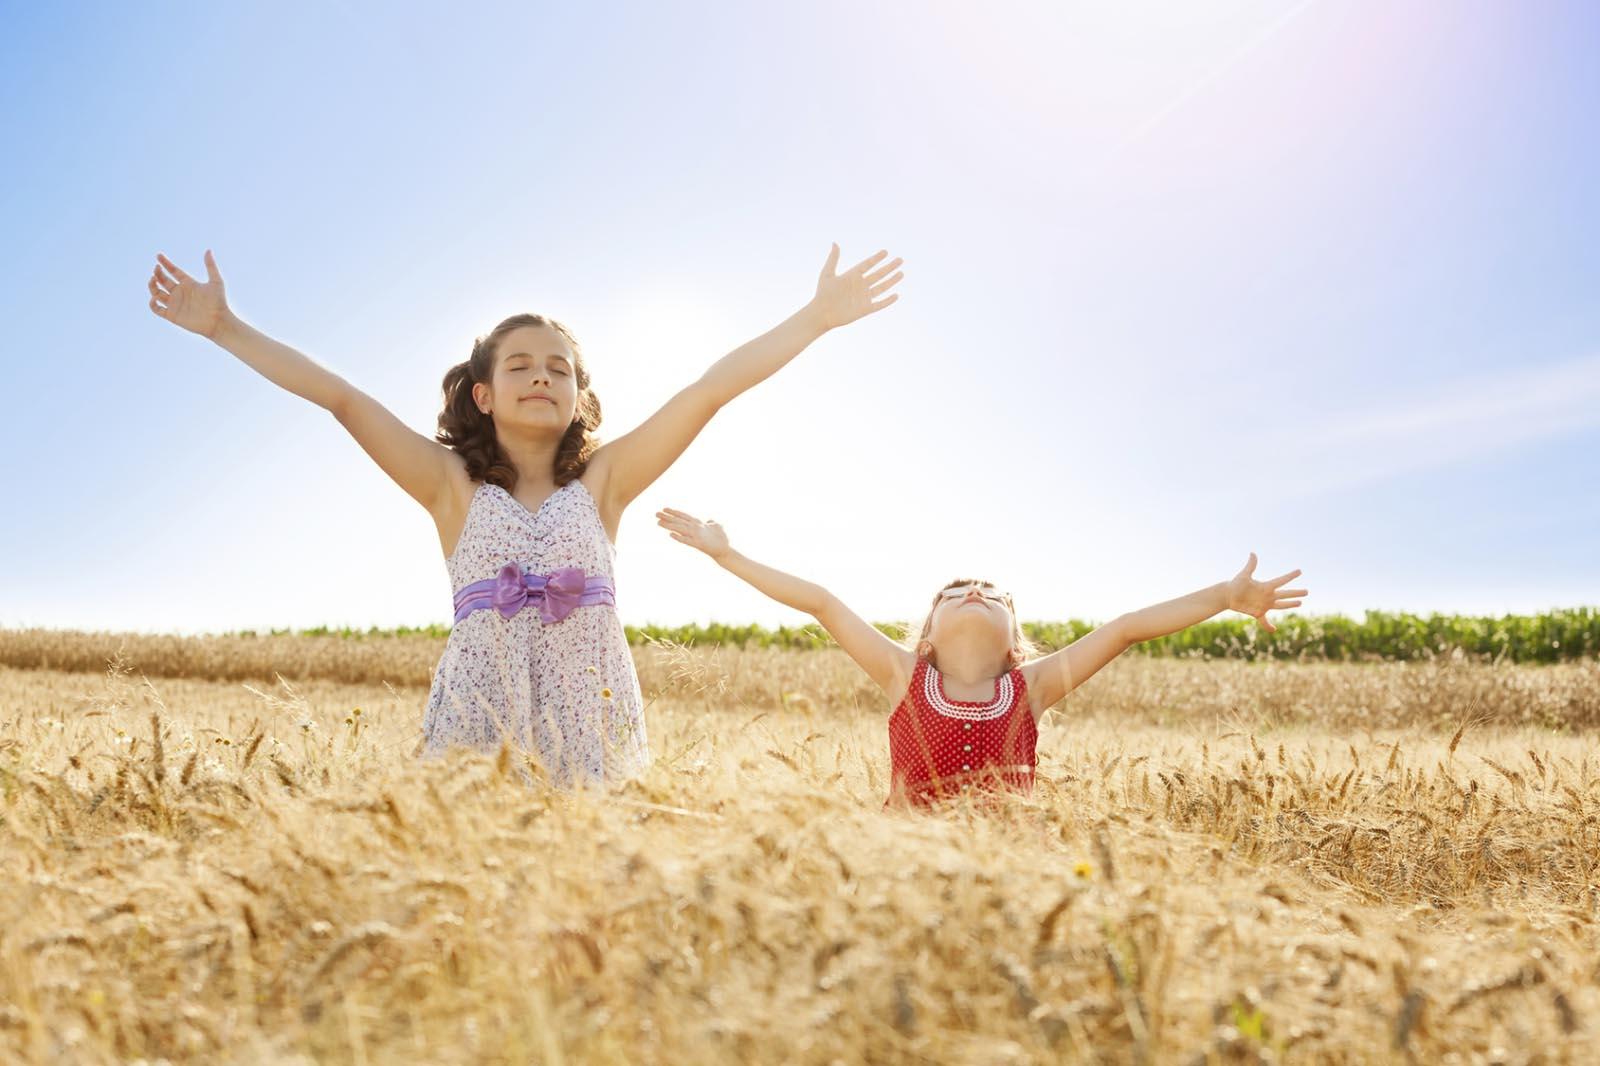 O conceito de Graça - GIldásio Leal